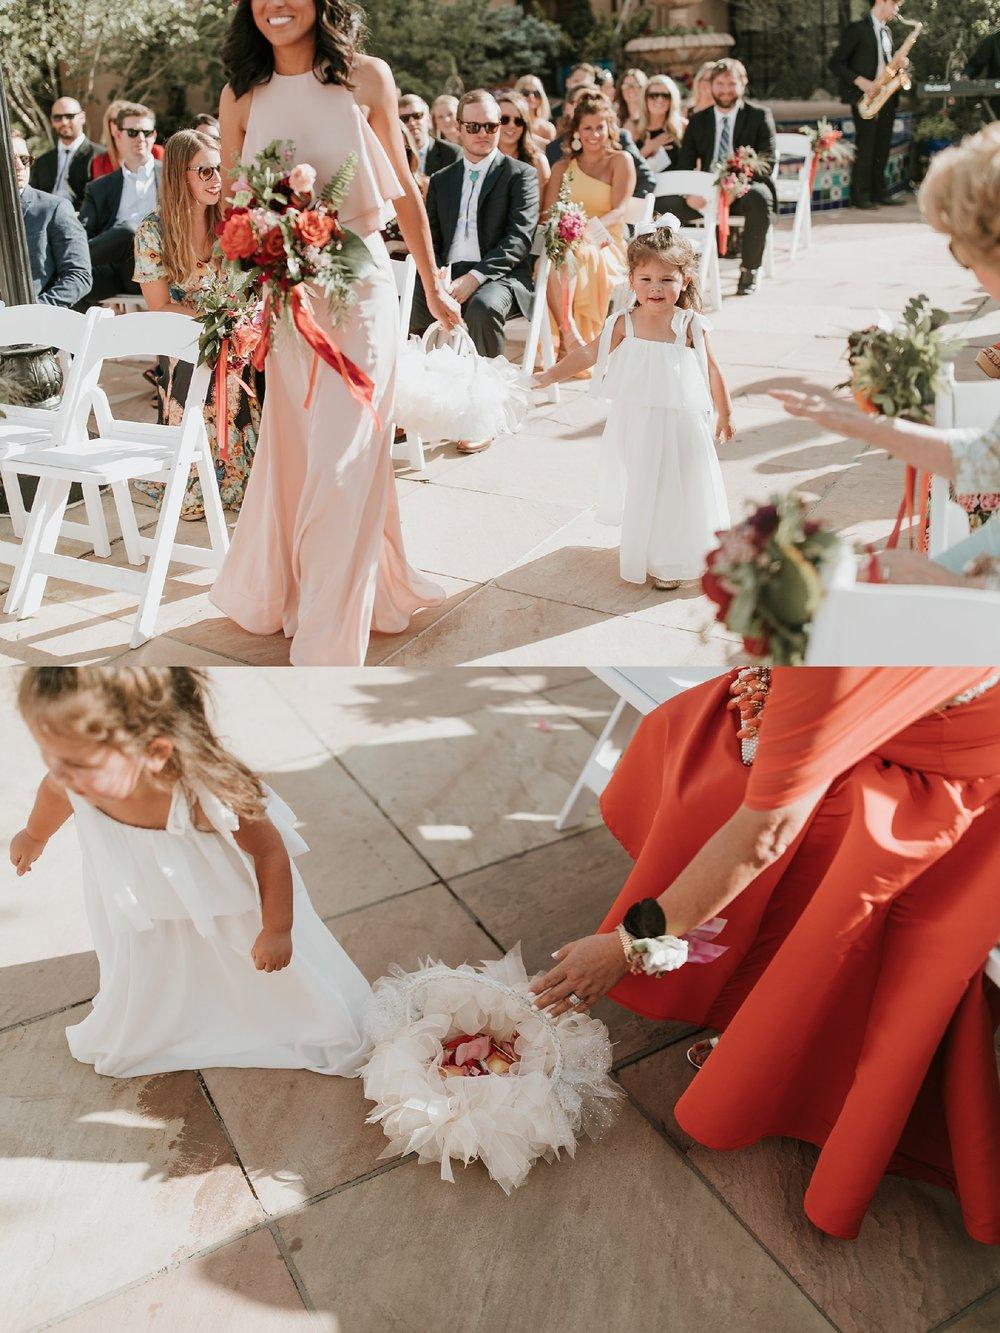 Alicia+lucia+photography+-+albuquerque+wedding+photographer+-+santa+fe+wedding+photography+-+new+mexico+wedding+photographer+-+new+mexico+wedding+-+flower+girl+-+wedding+flower+girl_0038.jpg